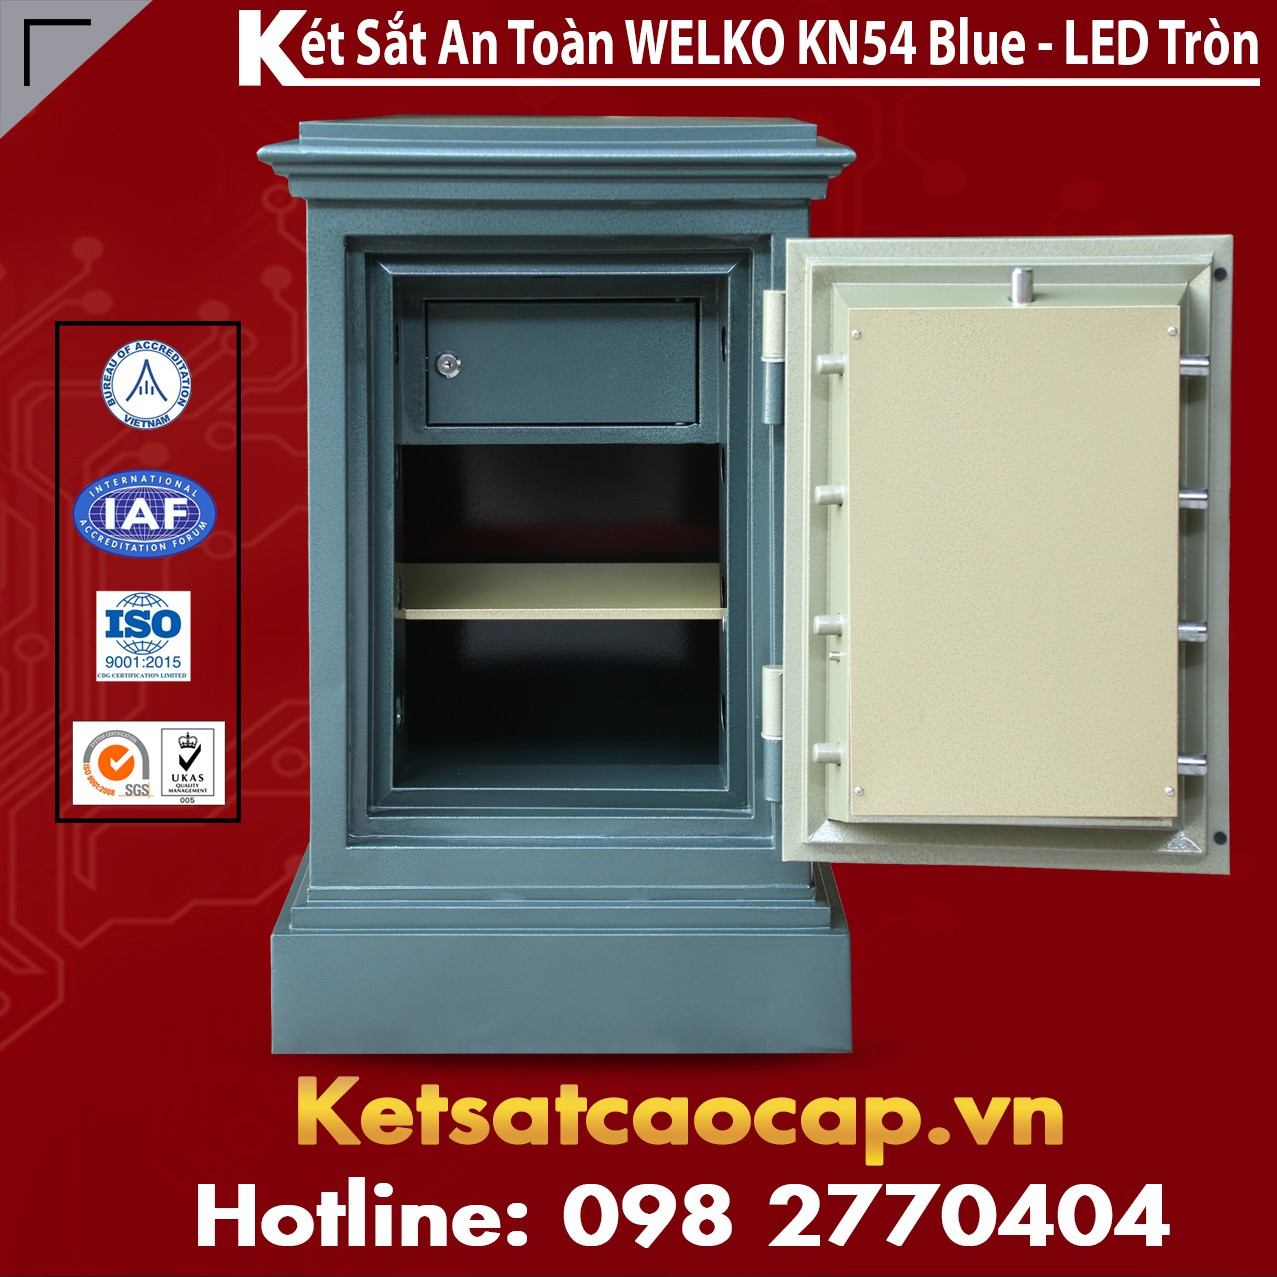 Ket Sat Co Lon Chong Chay